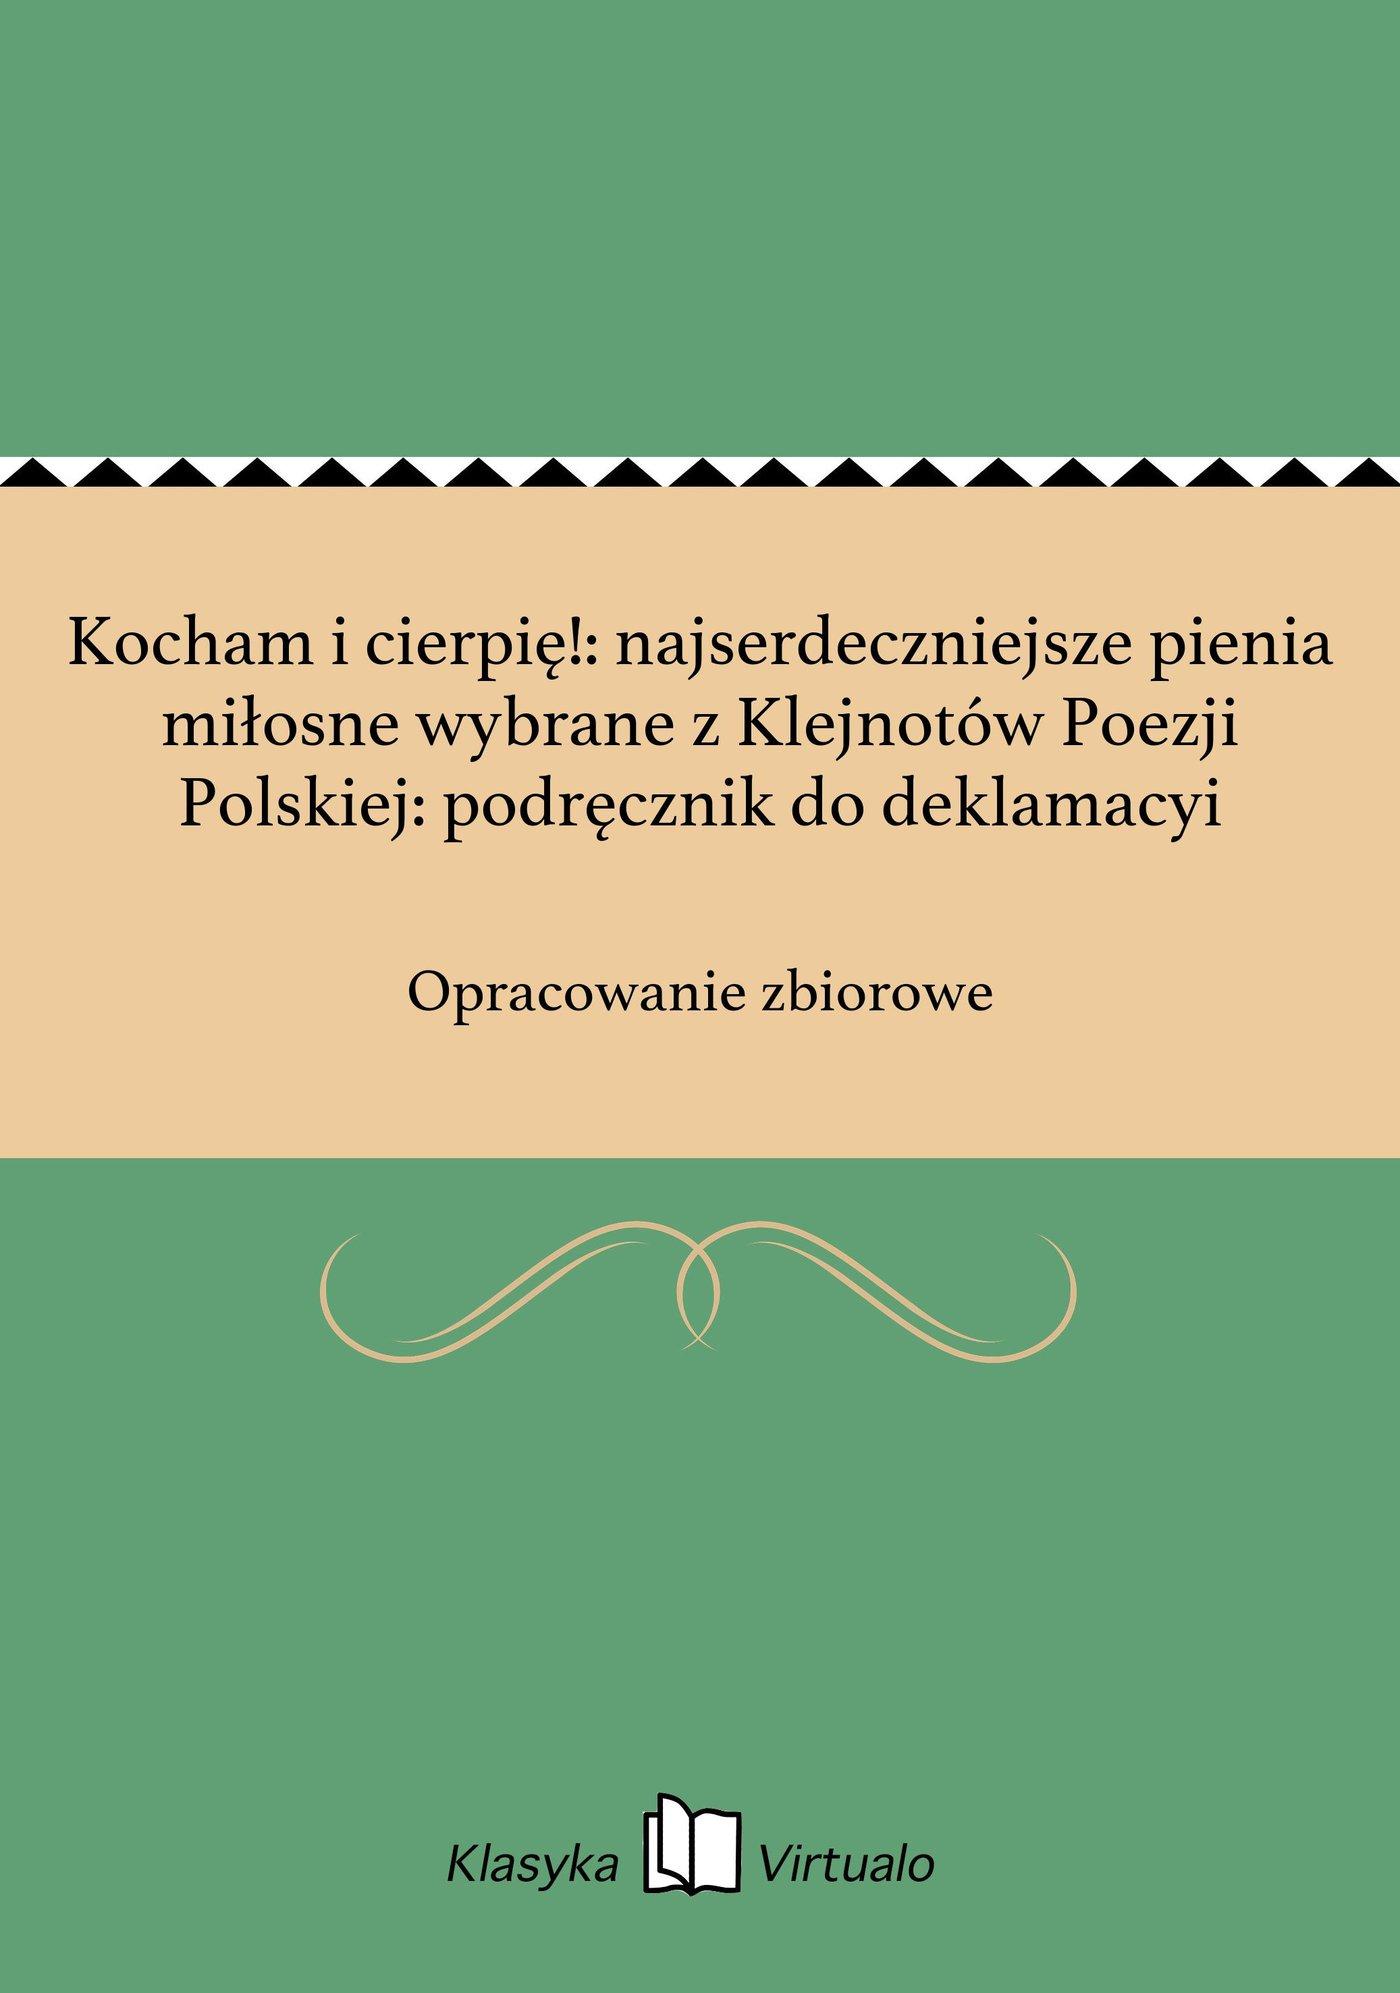 Kocham i cierpię!: najserdeczniejsze pienia miłosne wybrane z Klejnotów Poezji Polskiej: podręcznik do deklamacyi - Ebook (Książka na Kindle) do pobrania w formacie MOBI